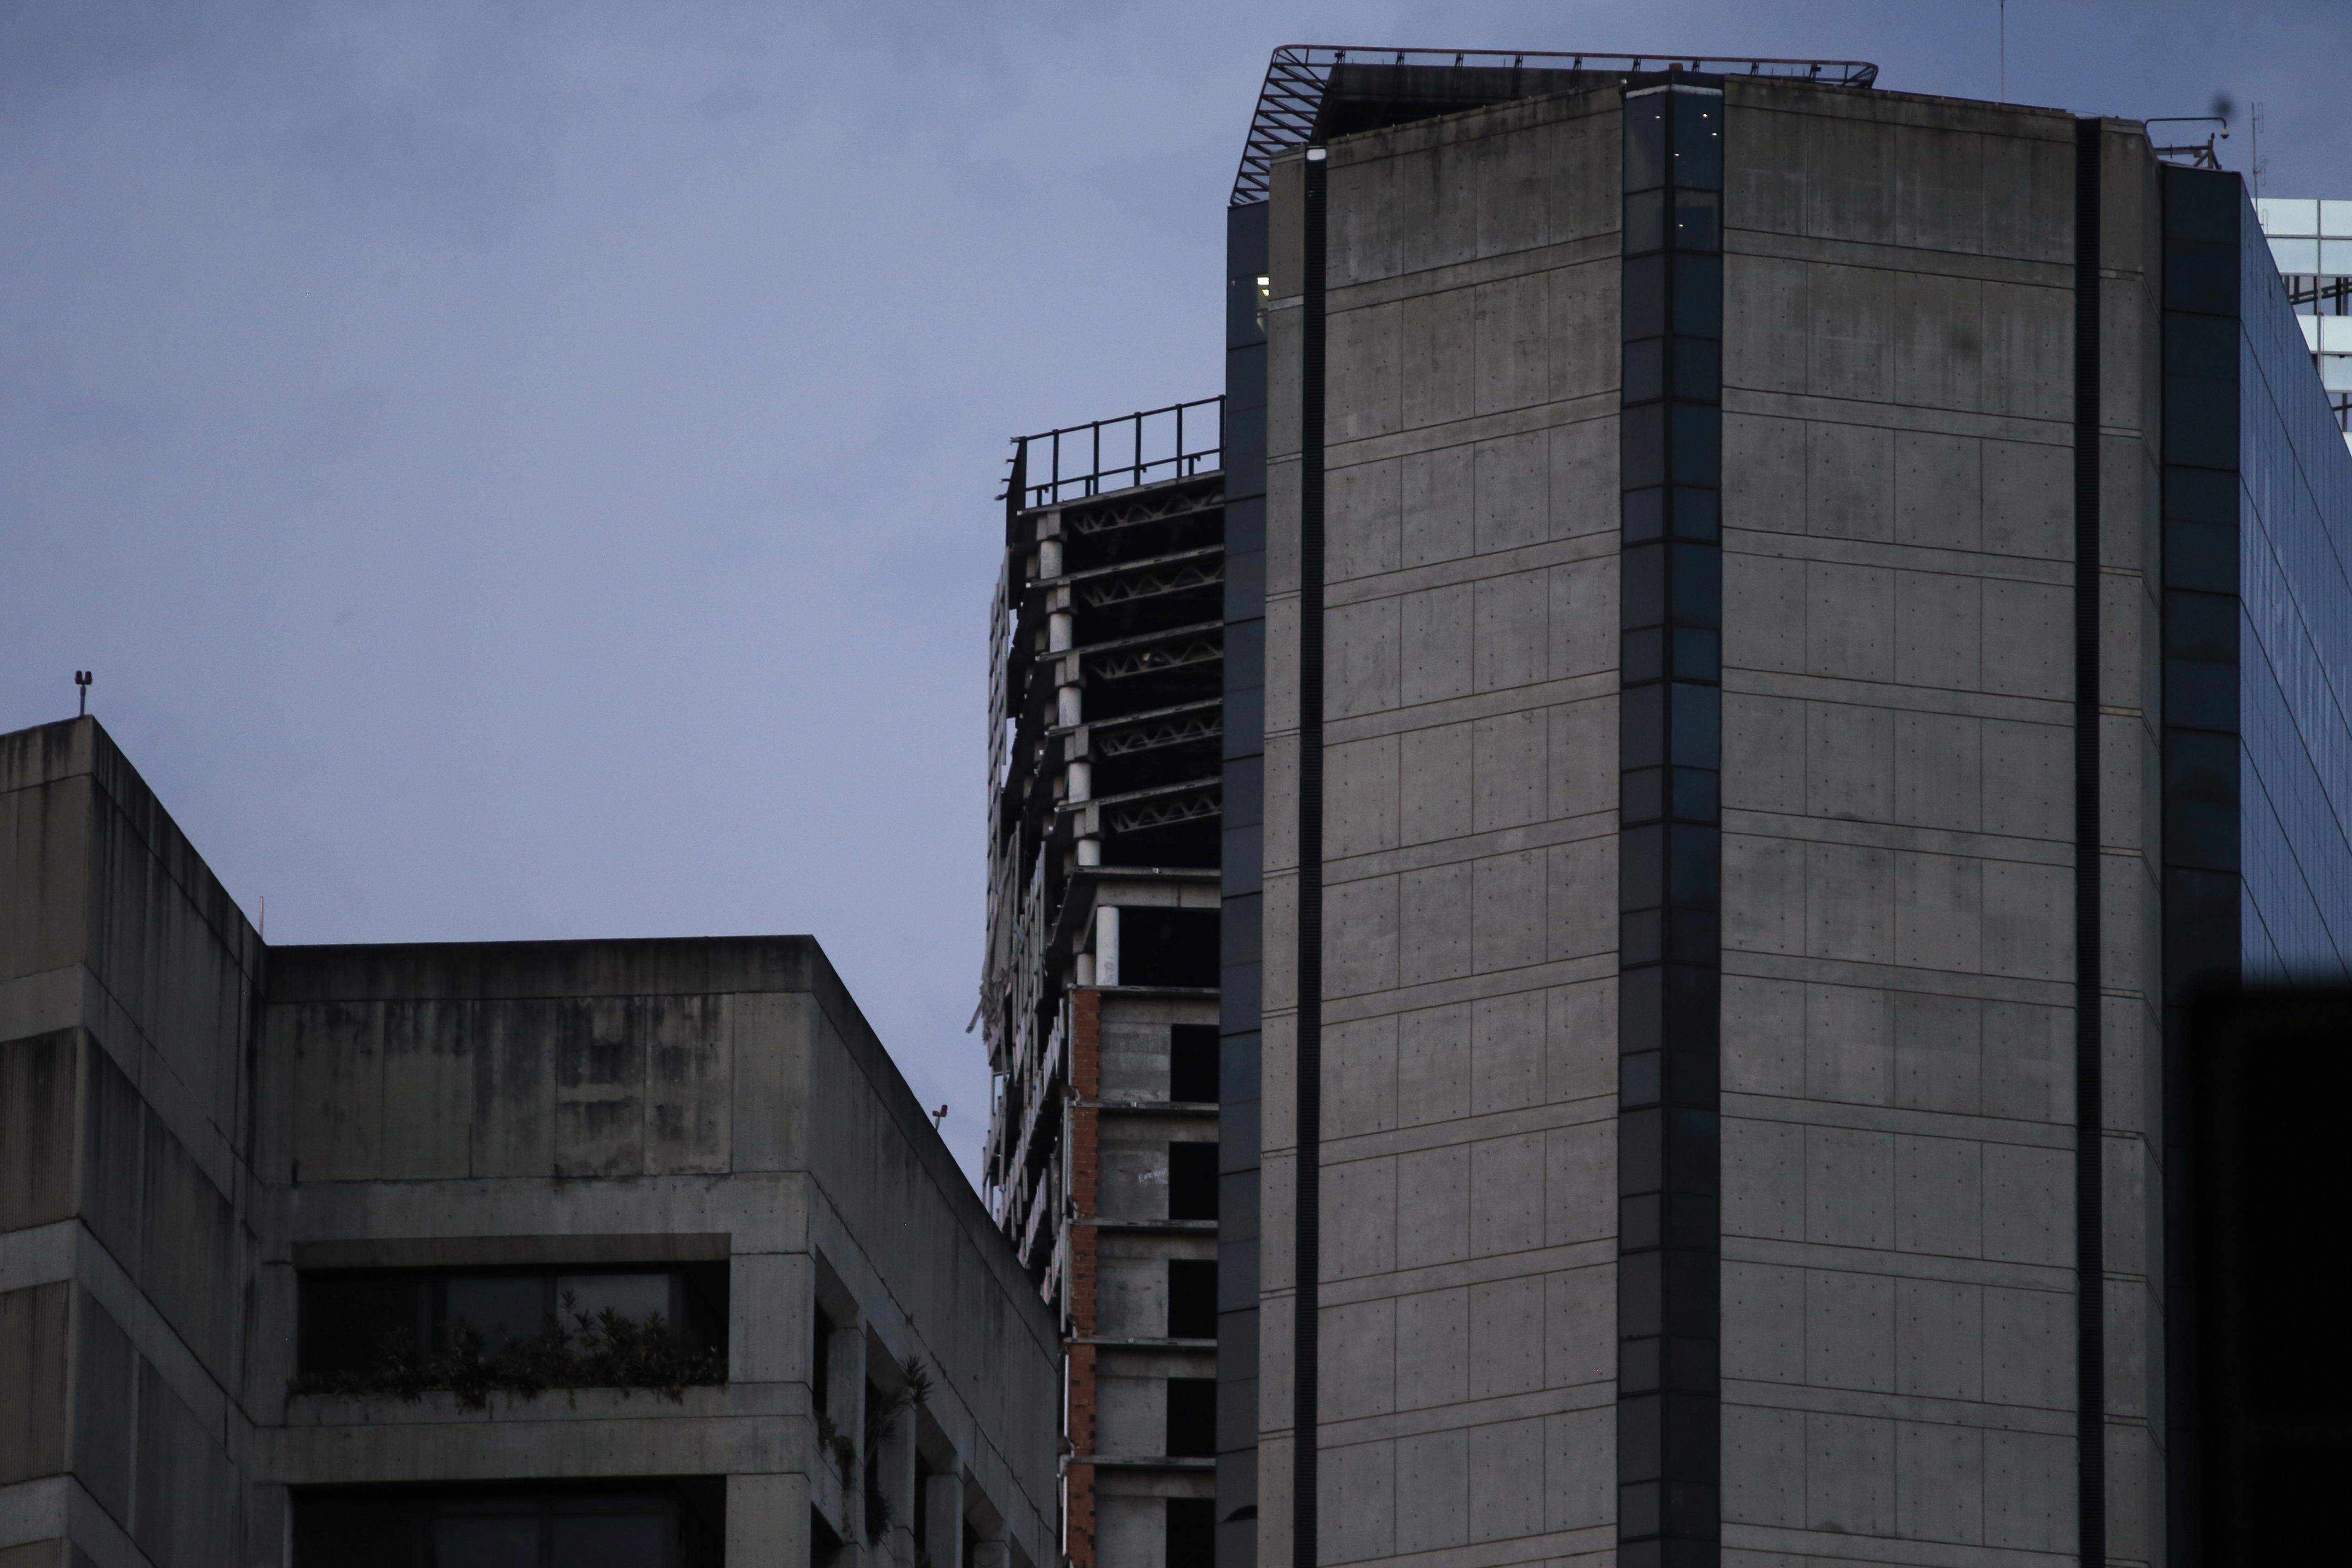 Réplica sacude Venezuela tras mayor sismo desde 1900